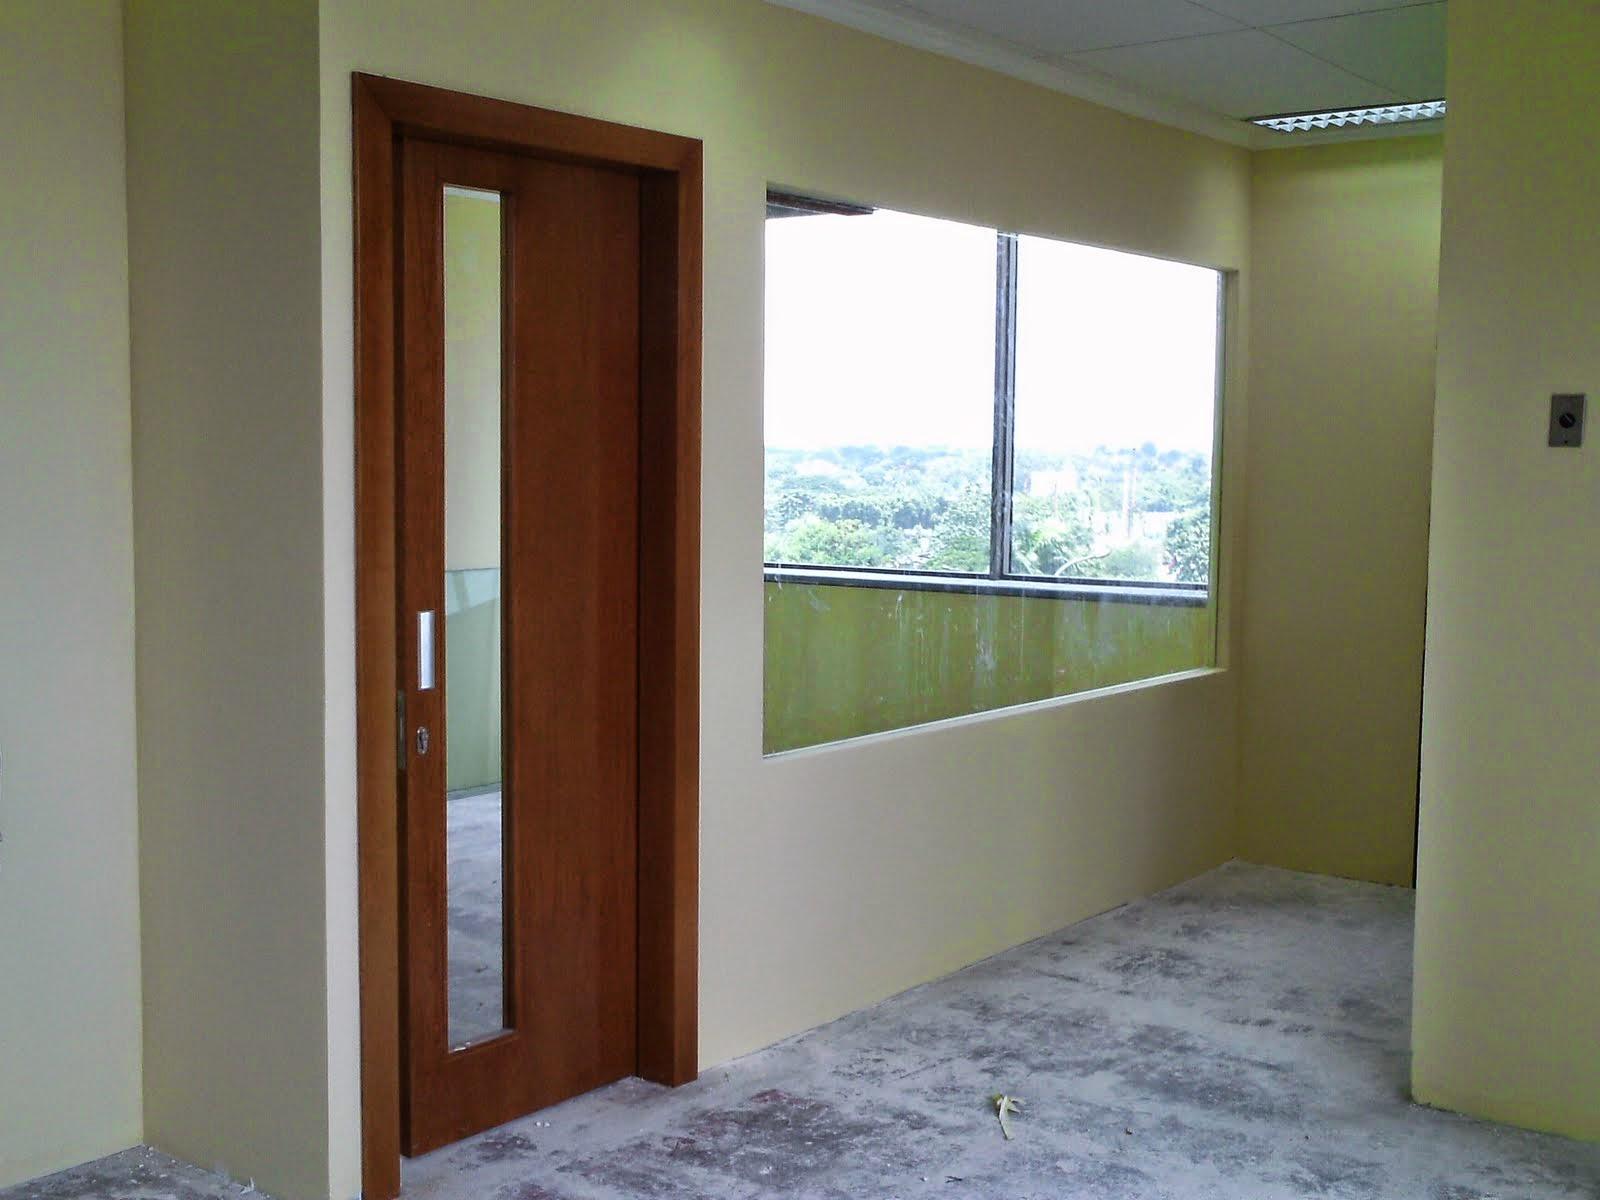 Gambar pintu Rumah minimalis terbaru.